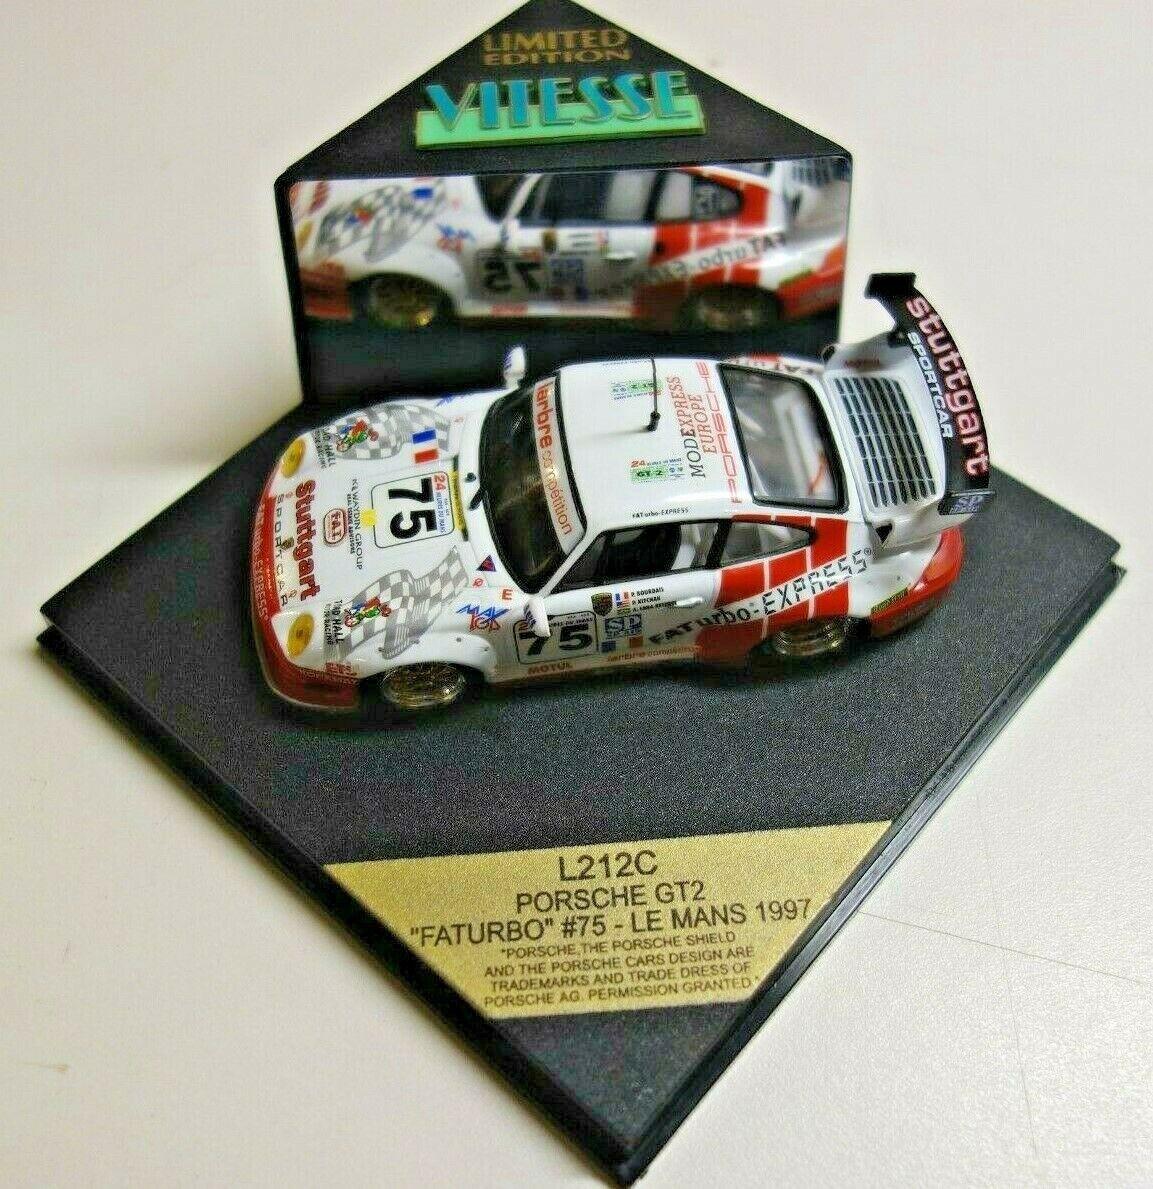 VITESSE PORSCHE GT2 911 FATURBO  75 LE MANS 1997 1 43 scale L212C